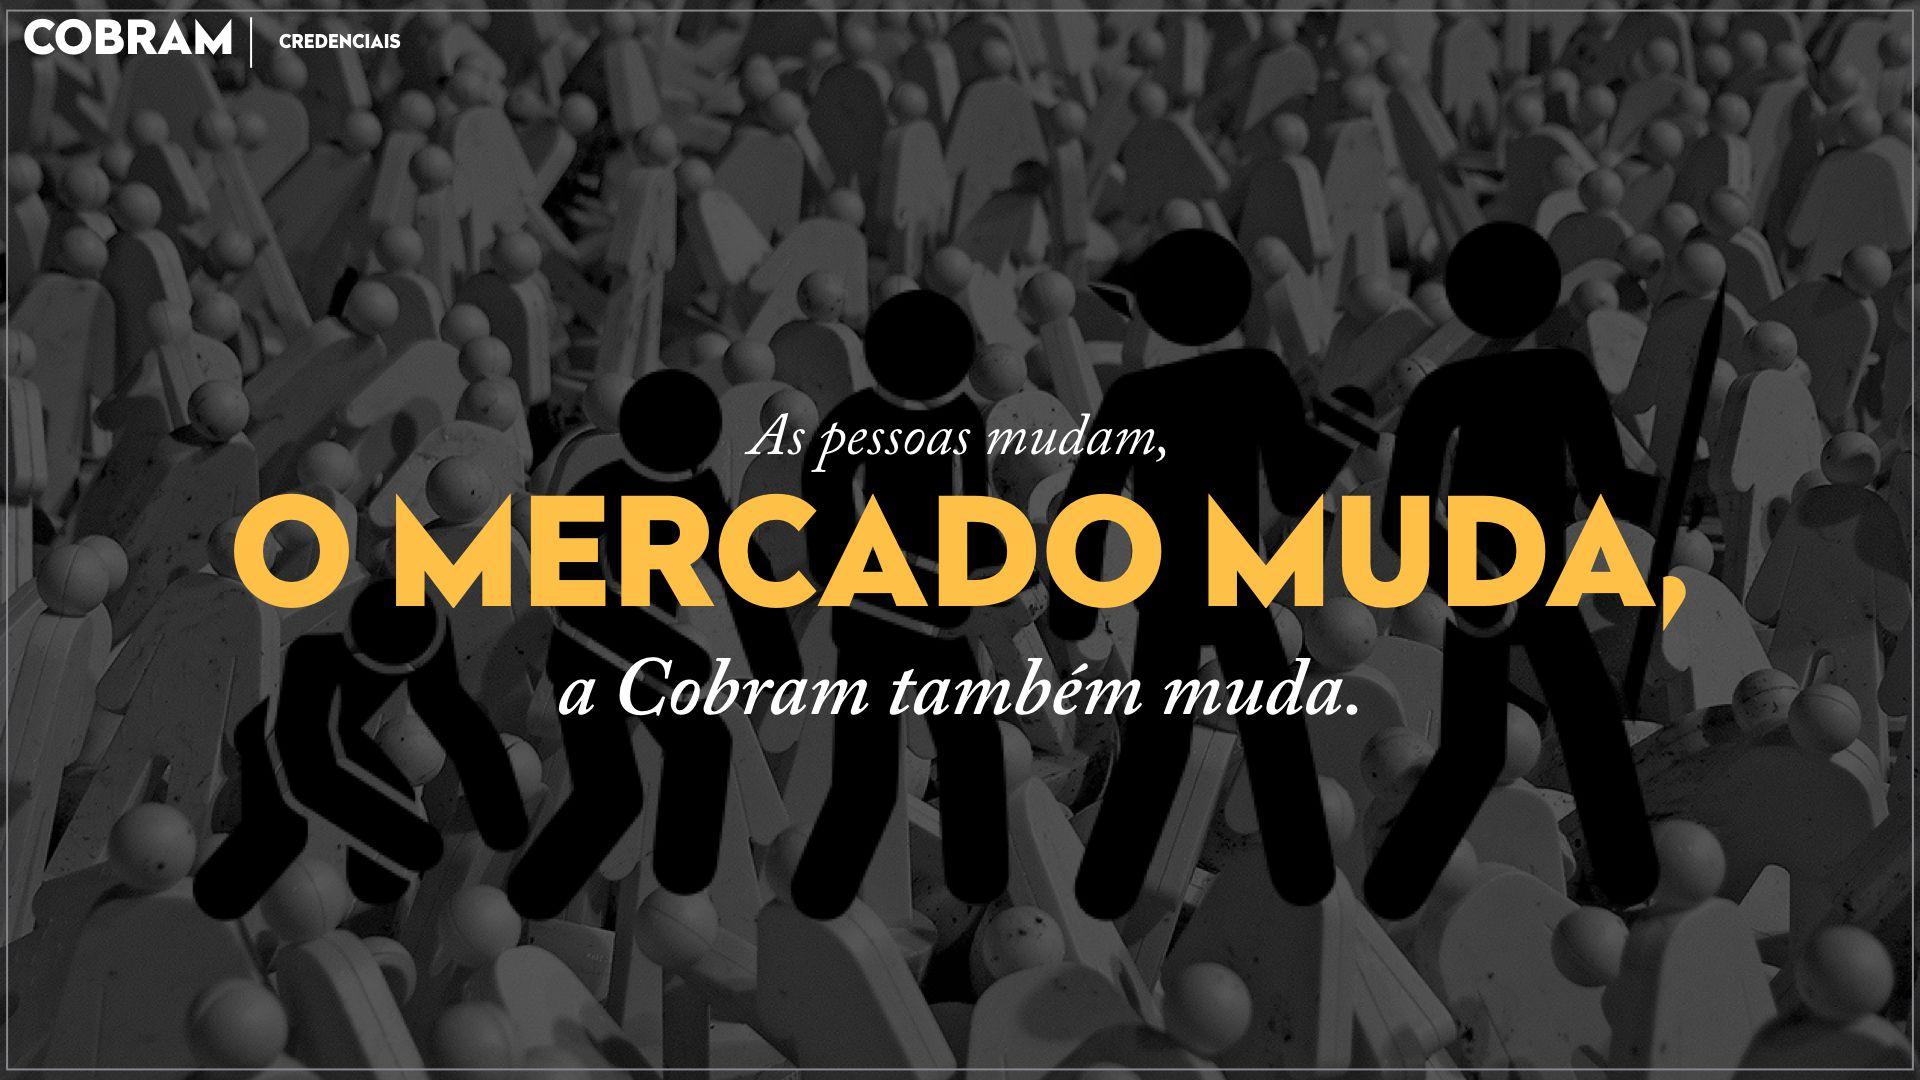 COBRAM_Credenciais_V4.003